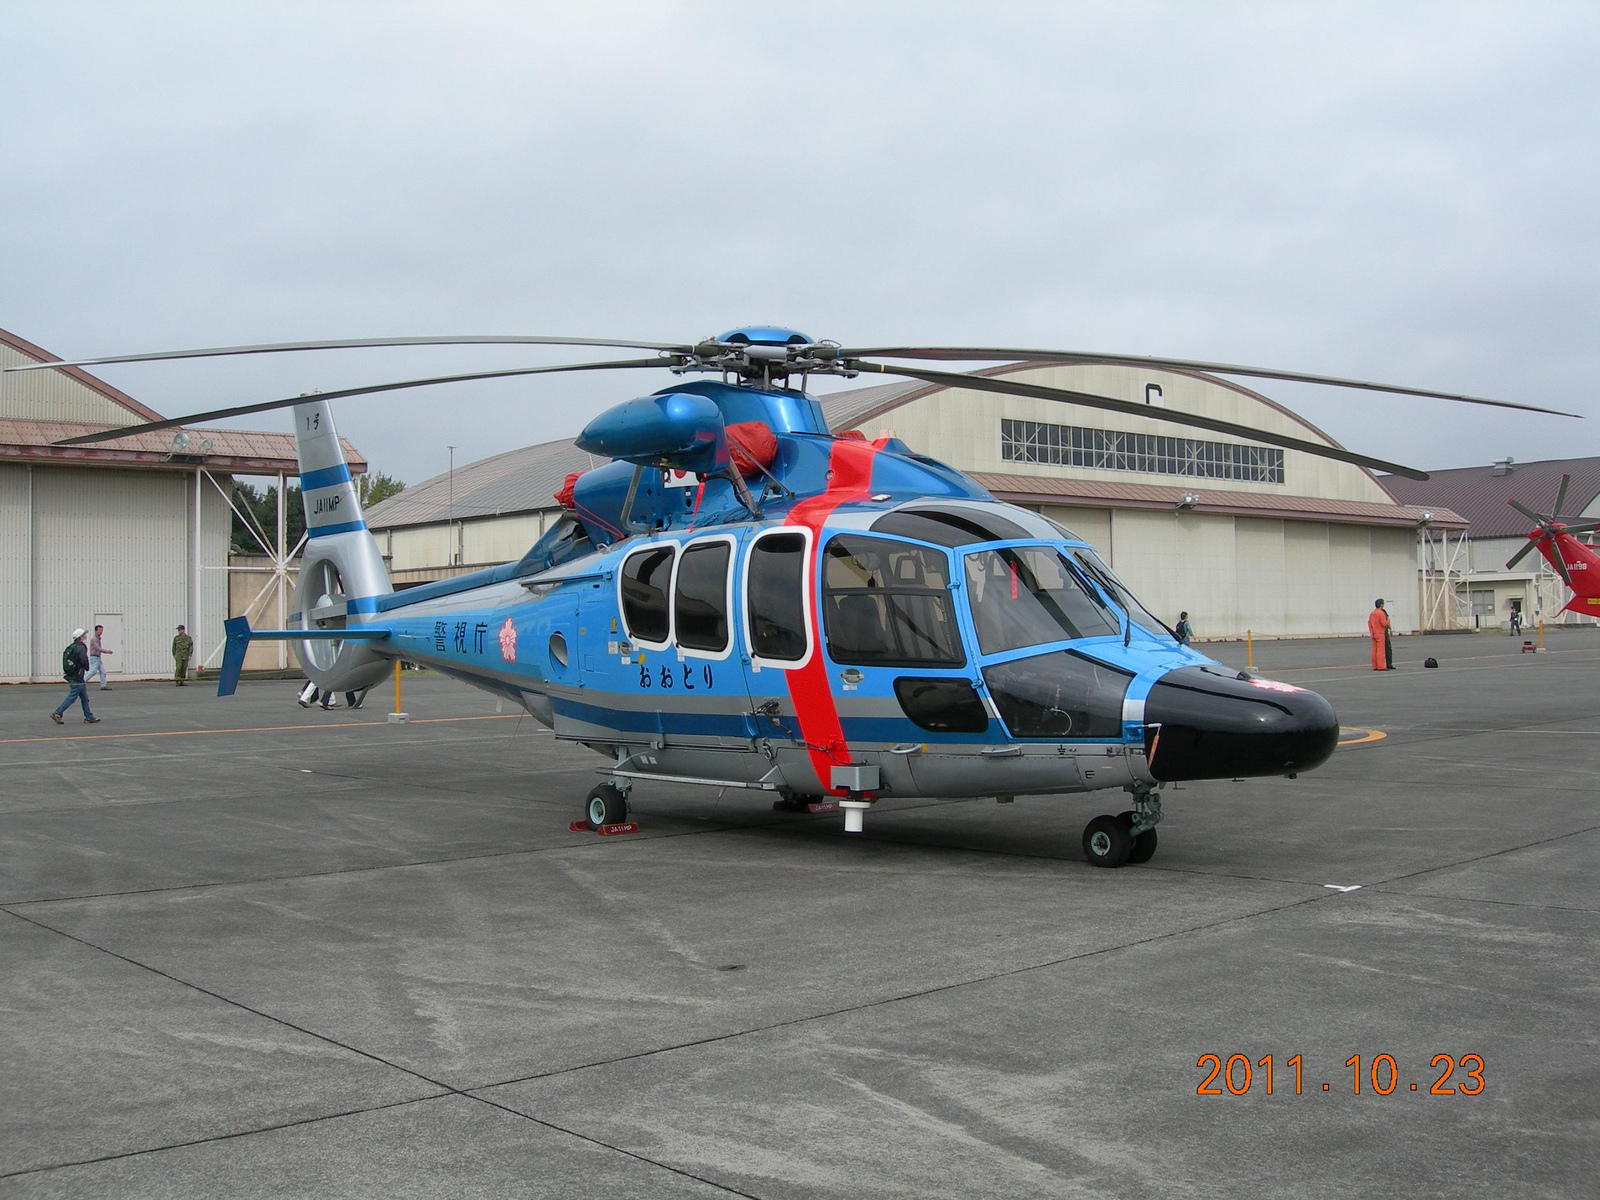 Dscn2501r